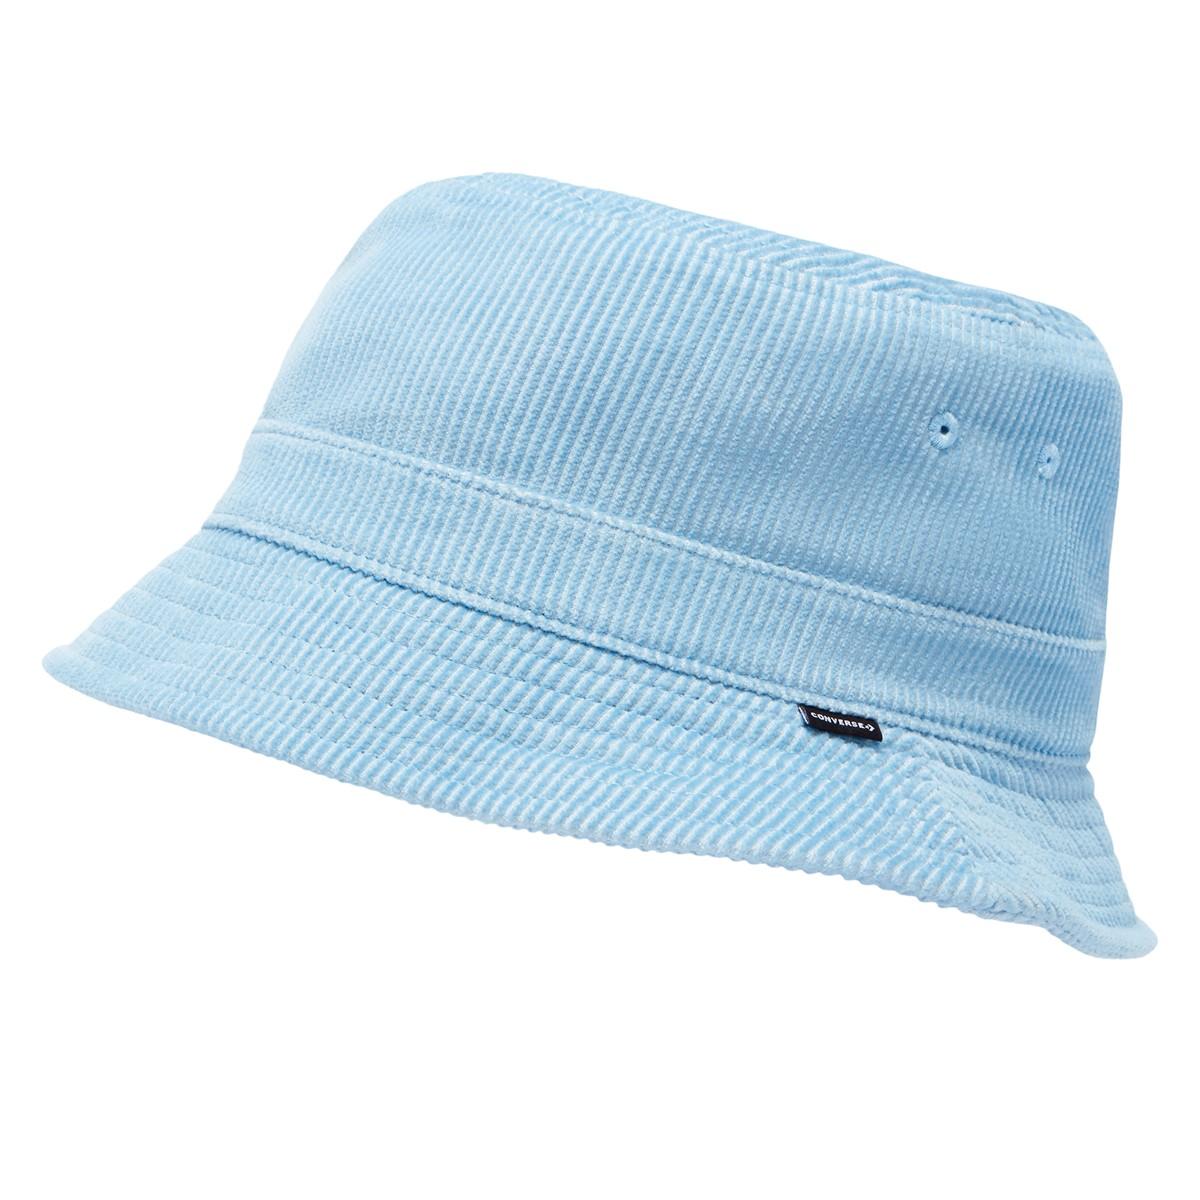 Novelty Bucket Hat in Light Blue